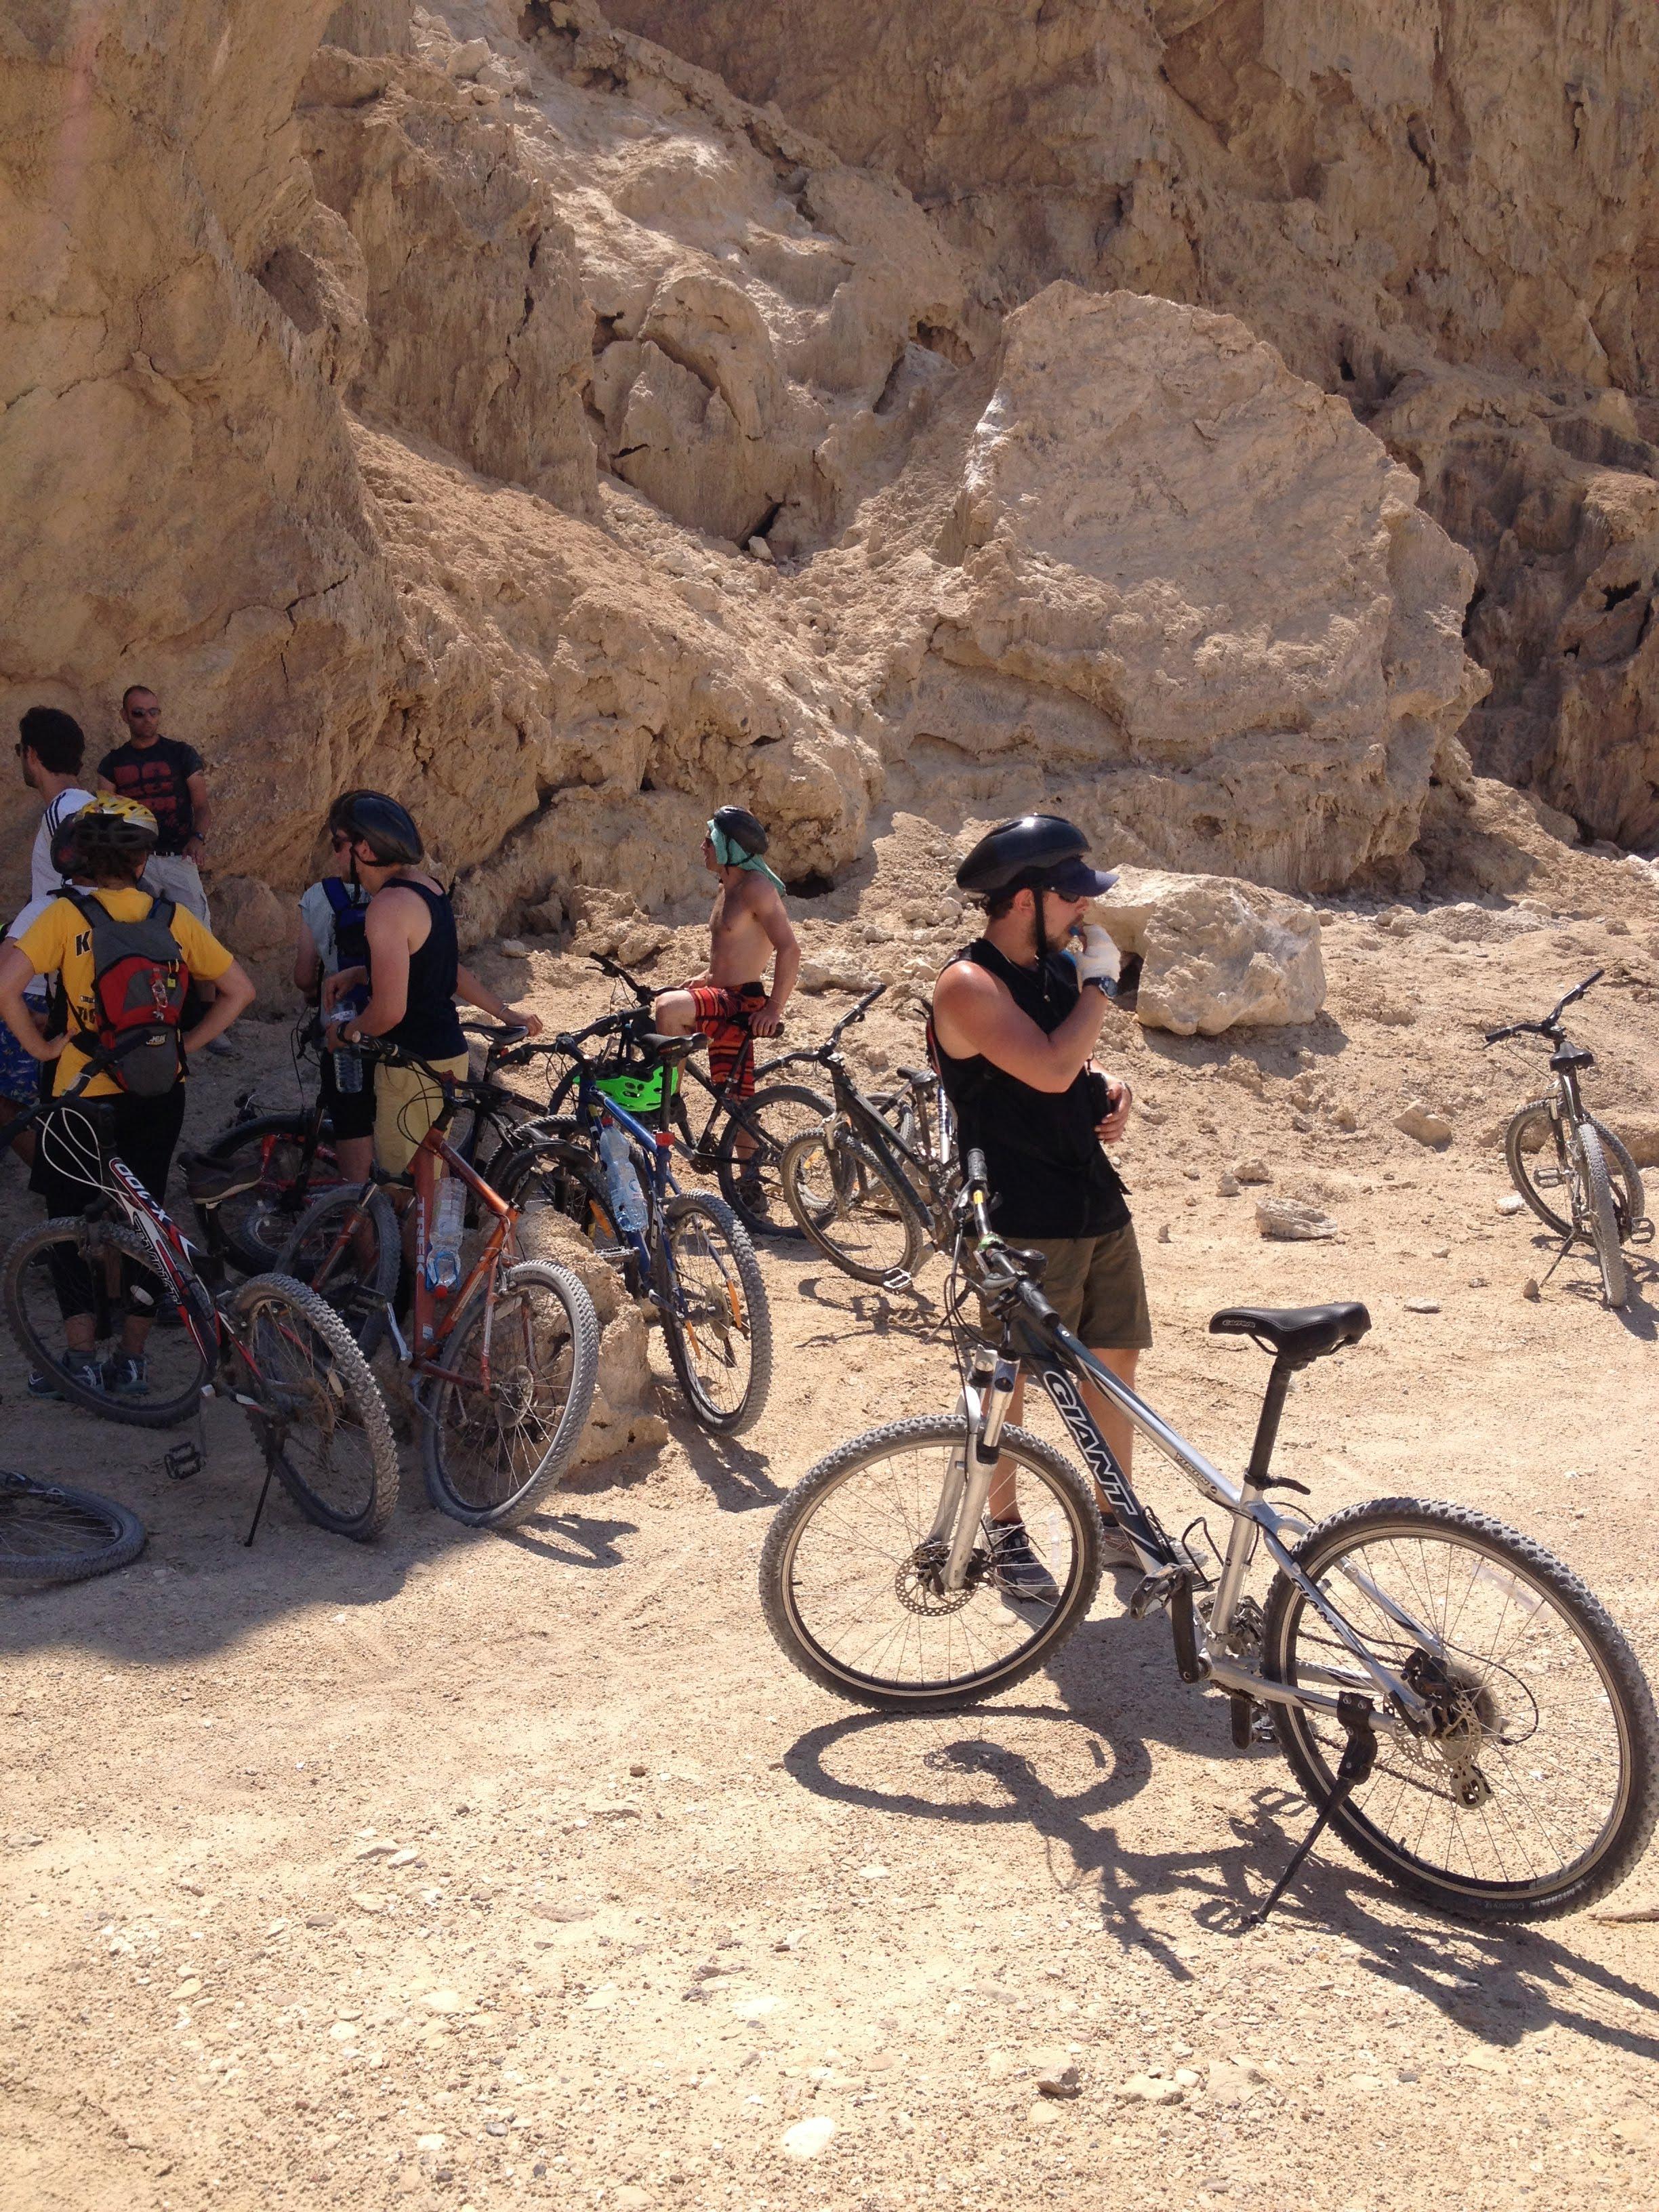 טיול אופניים מאורגן בסדום